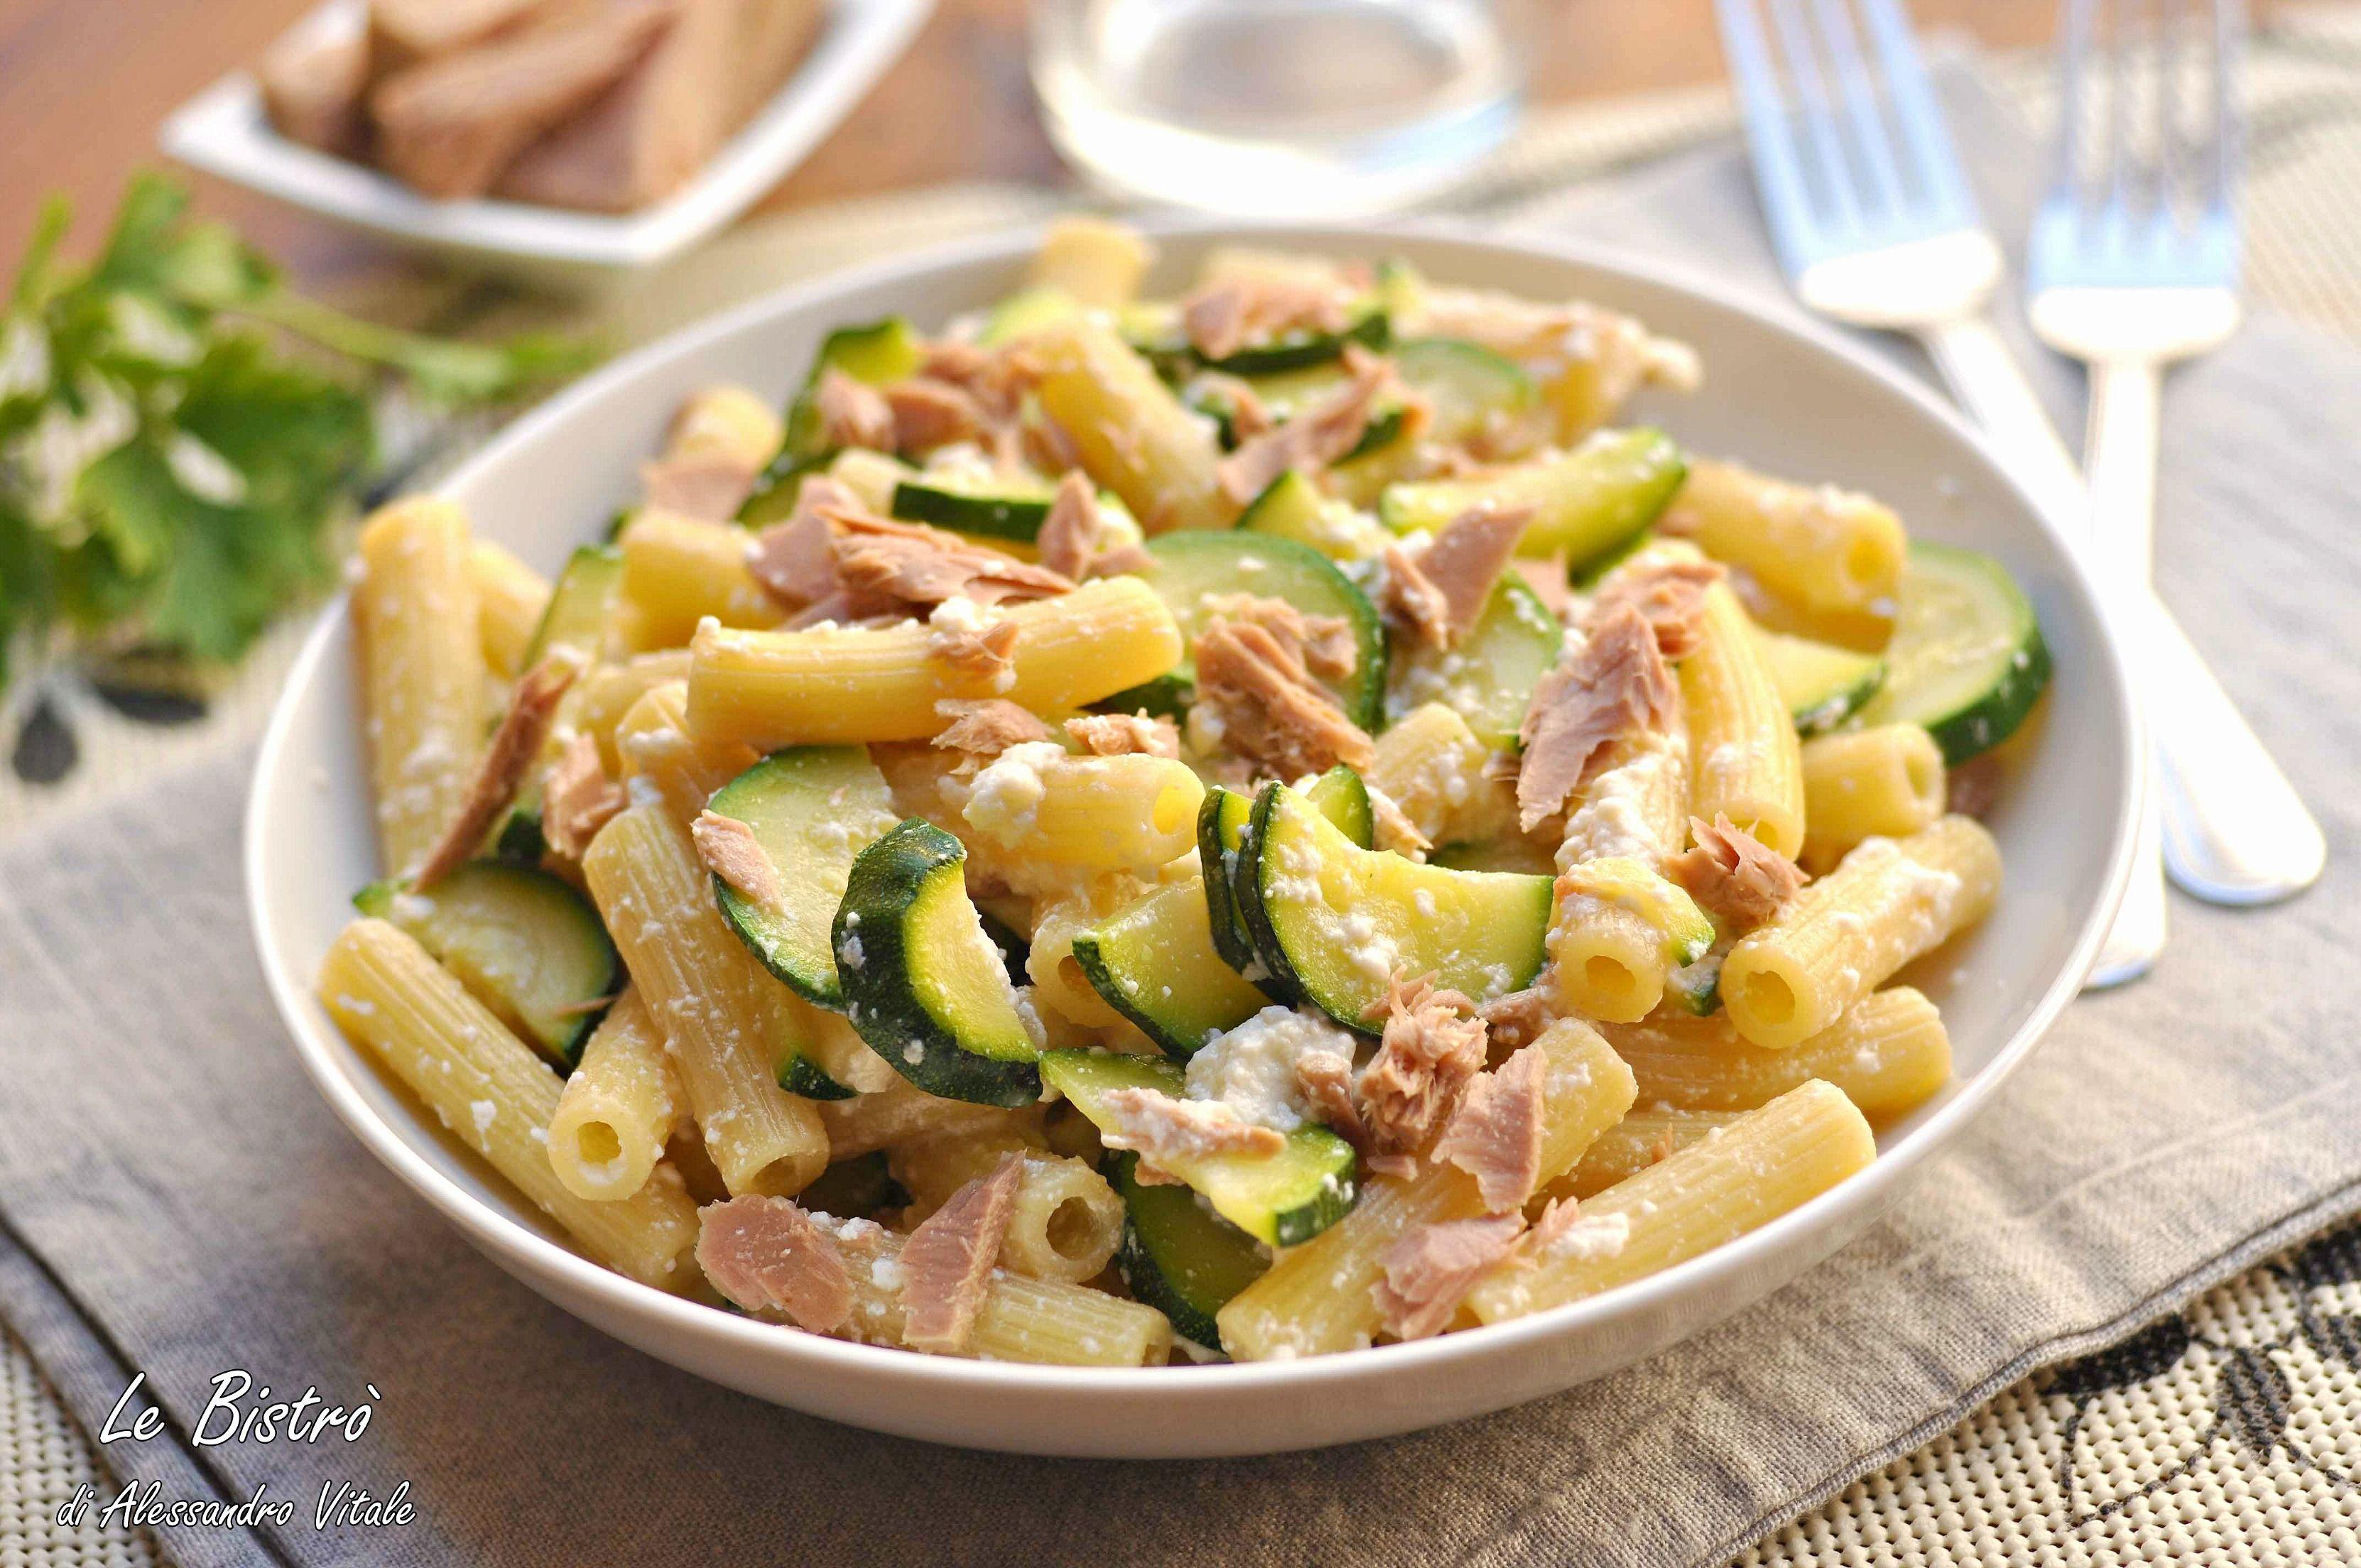 bac170e01a0e5652627e5dd9cc8ff0e0 - Pasta Con Zucchine Ricette